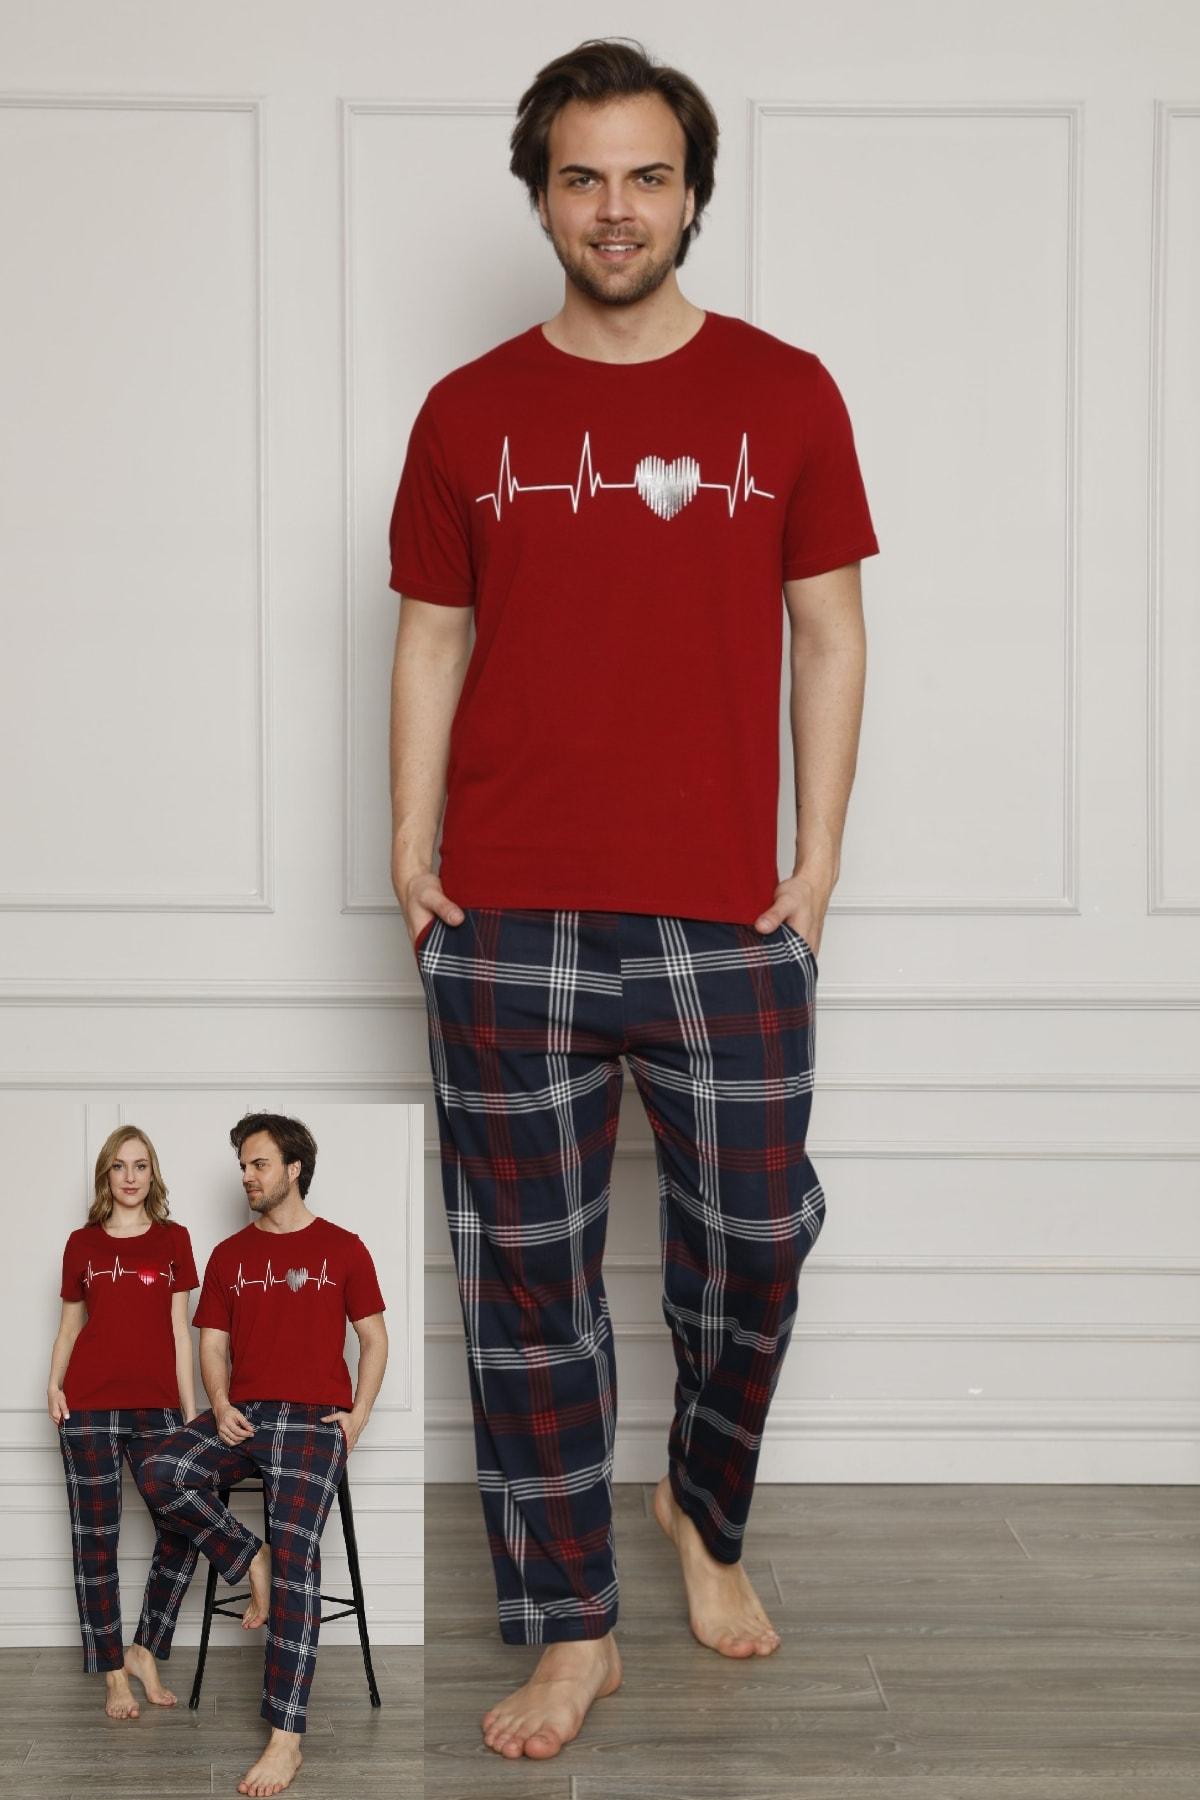 Erkek Baskılı Sevgili Çift Bordo Pamuklu Pijama Takımı Satışı Tek Ürün Için Geçerlidir (ERKEK)